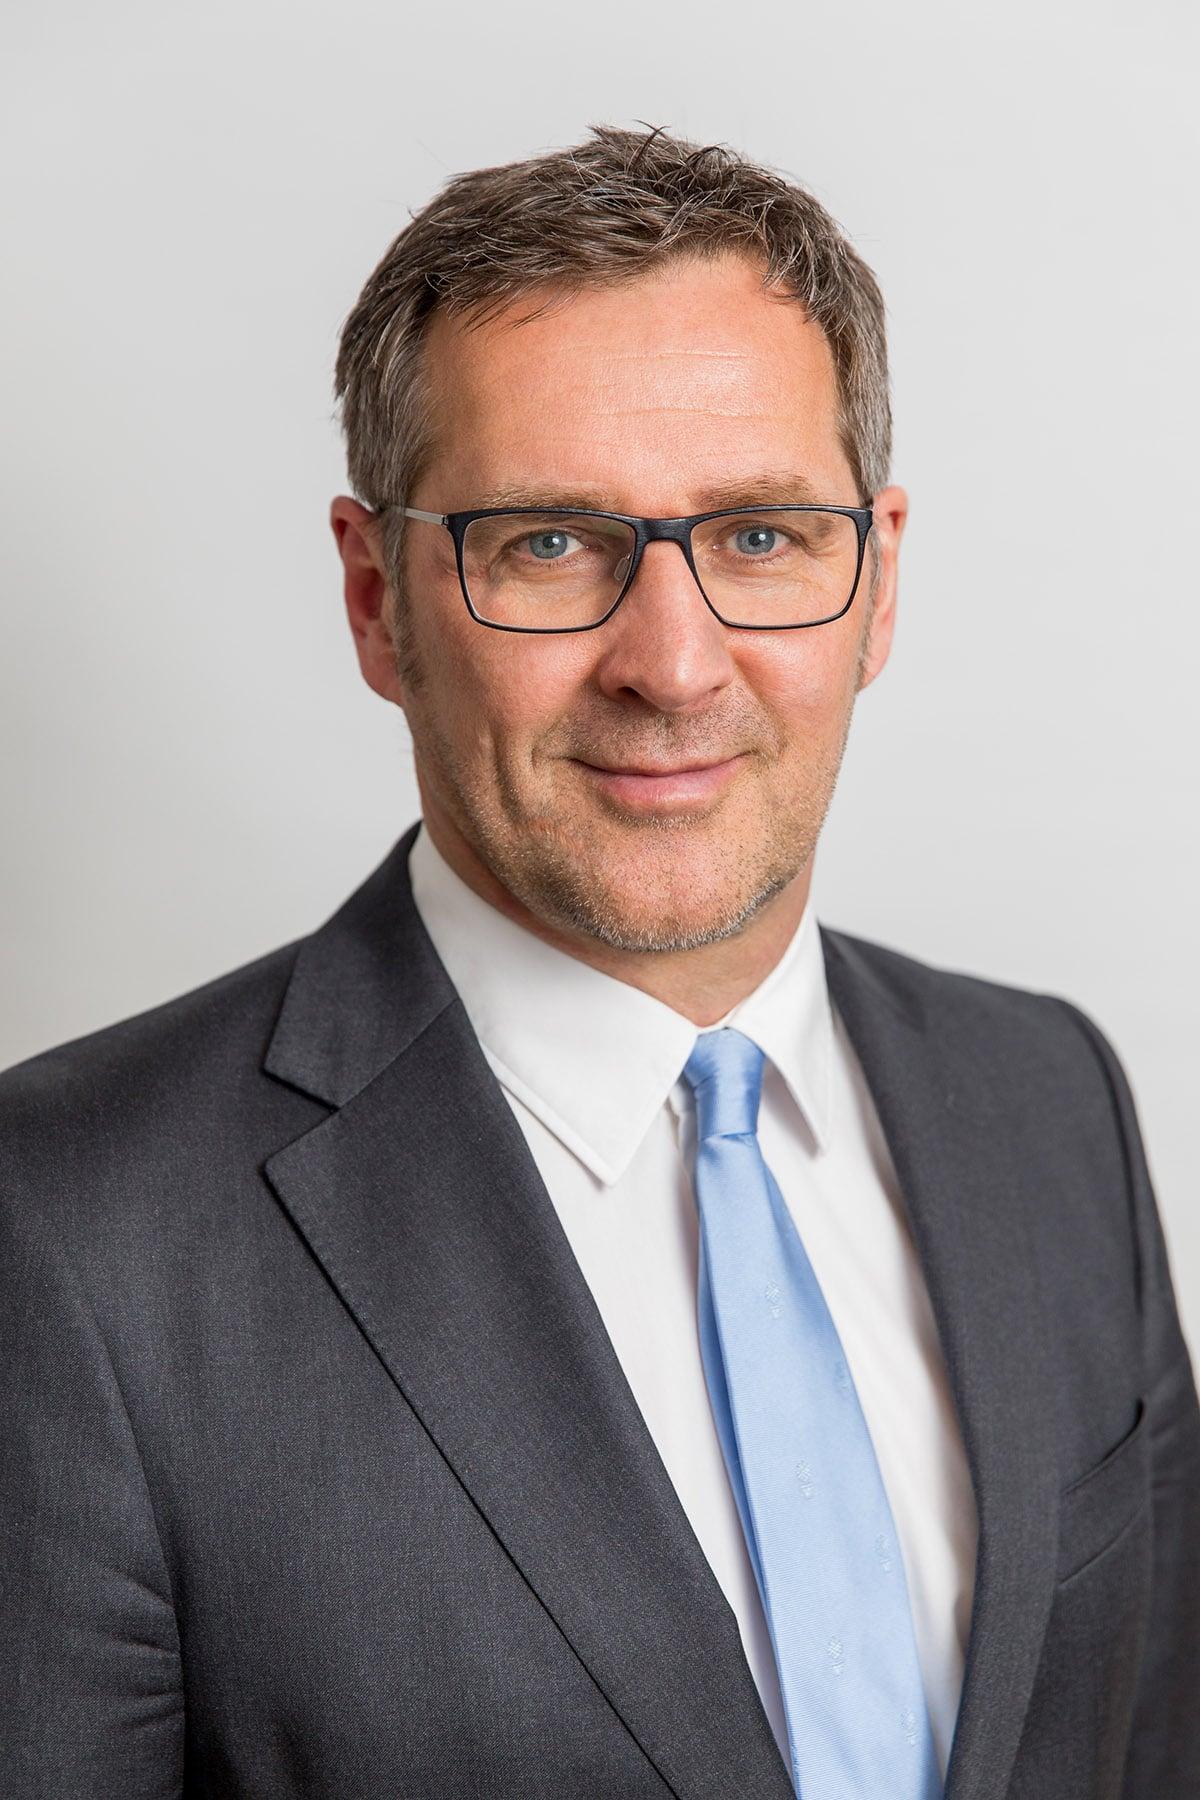 Thomas Lis Pro Augsburg Stellvertretender Vize Fraktionsvorsitzender Stadtratsmitglied Unternehmer